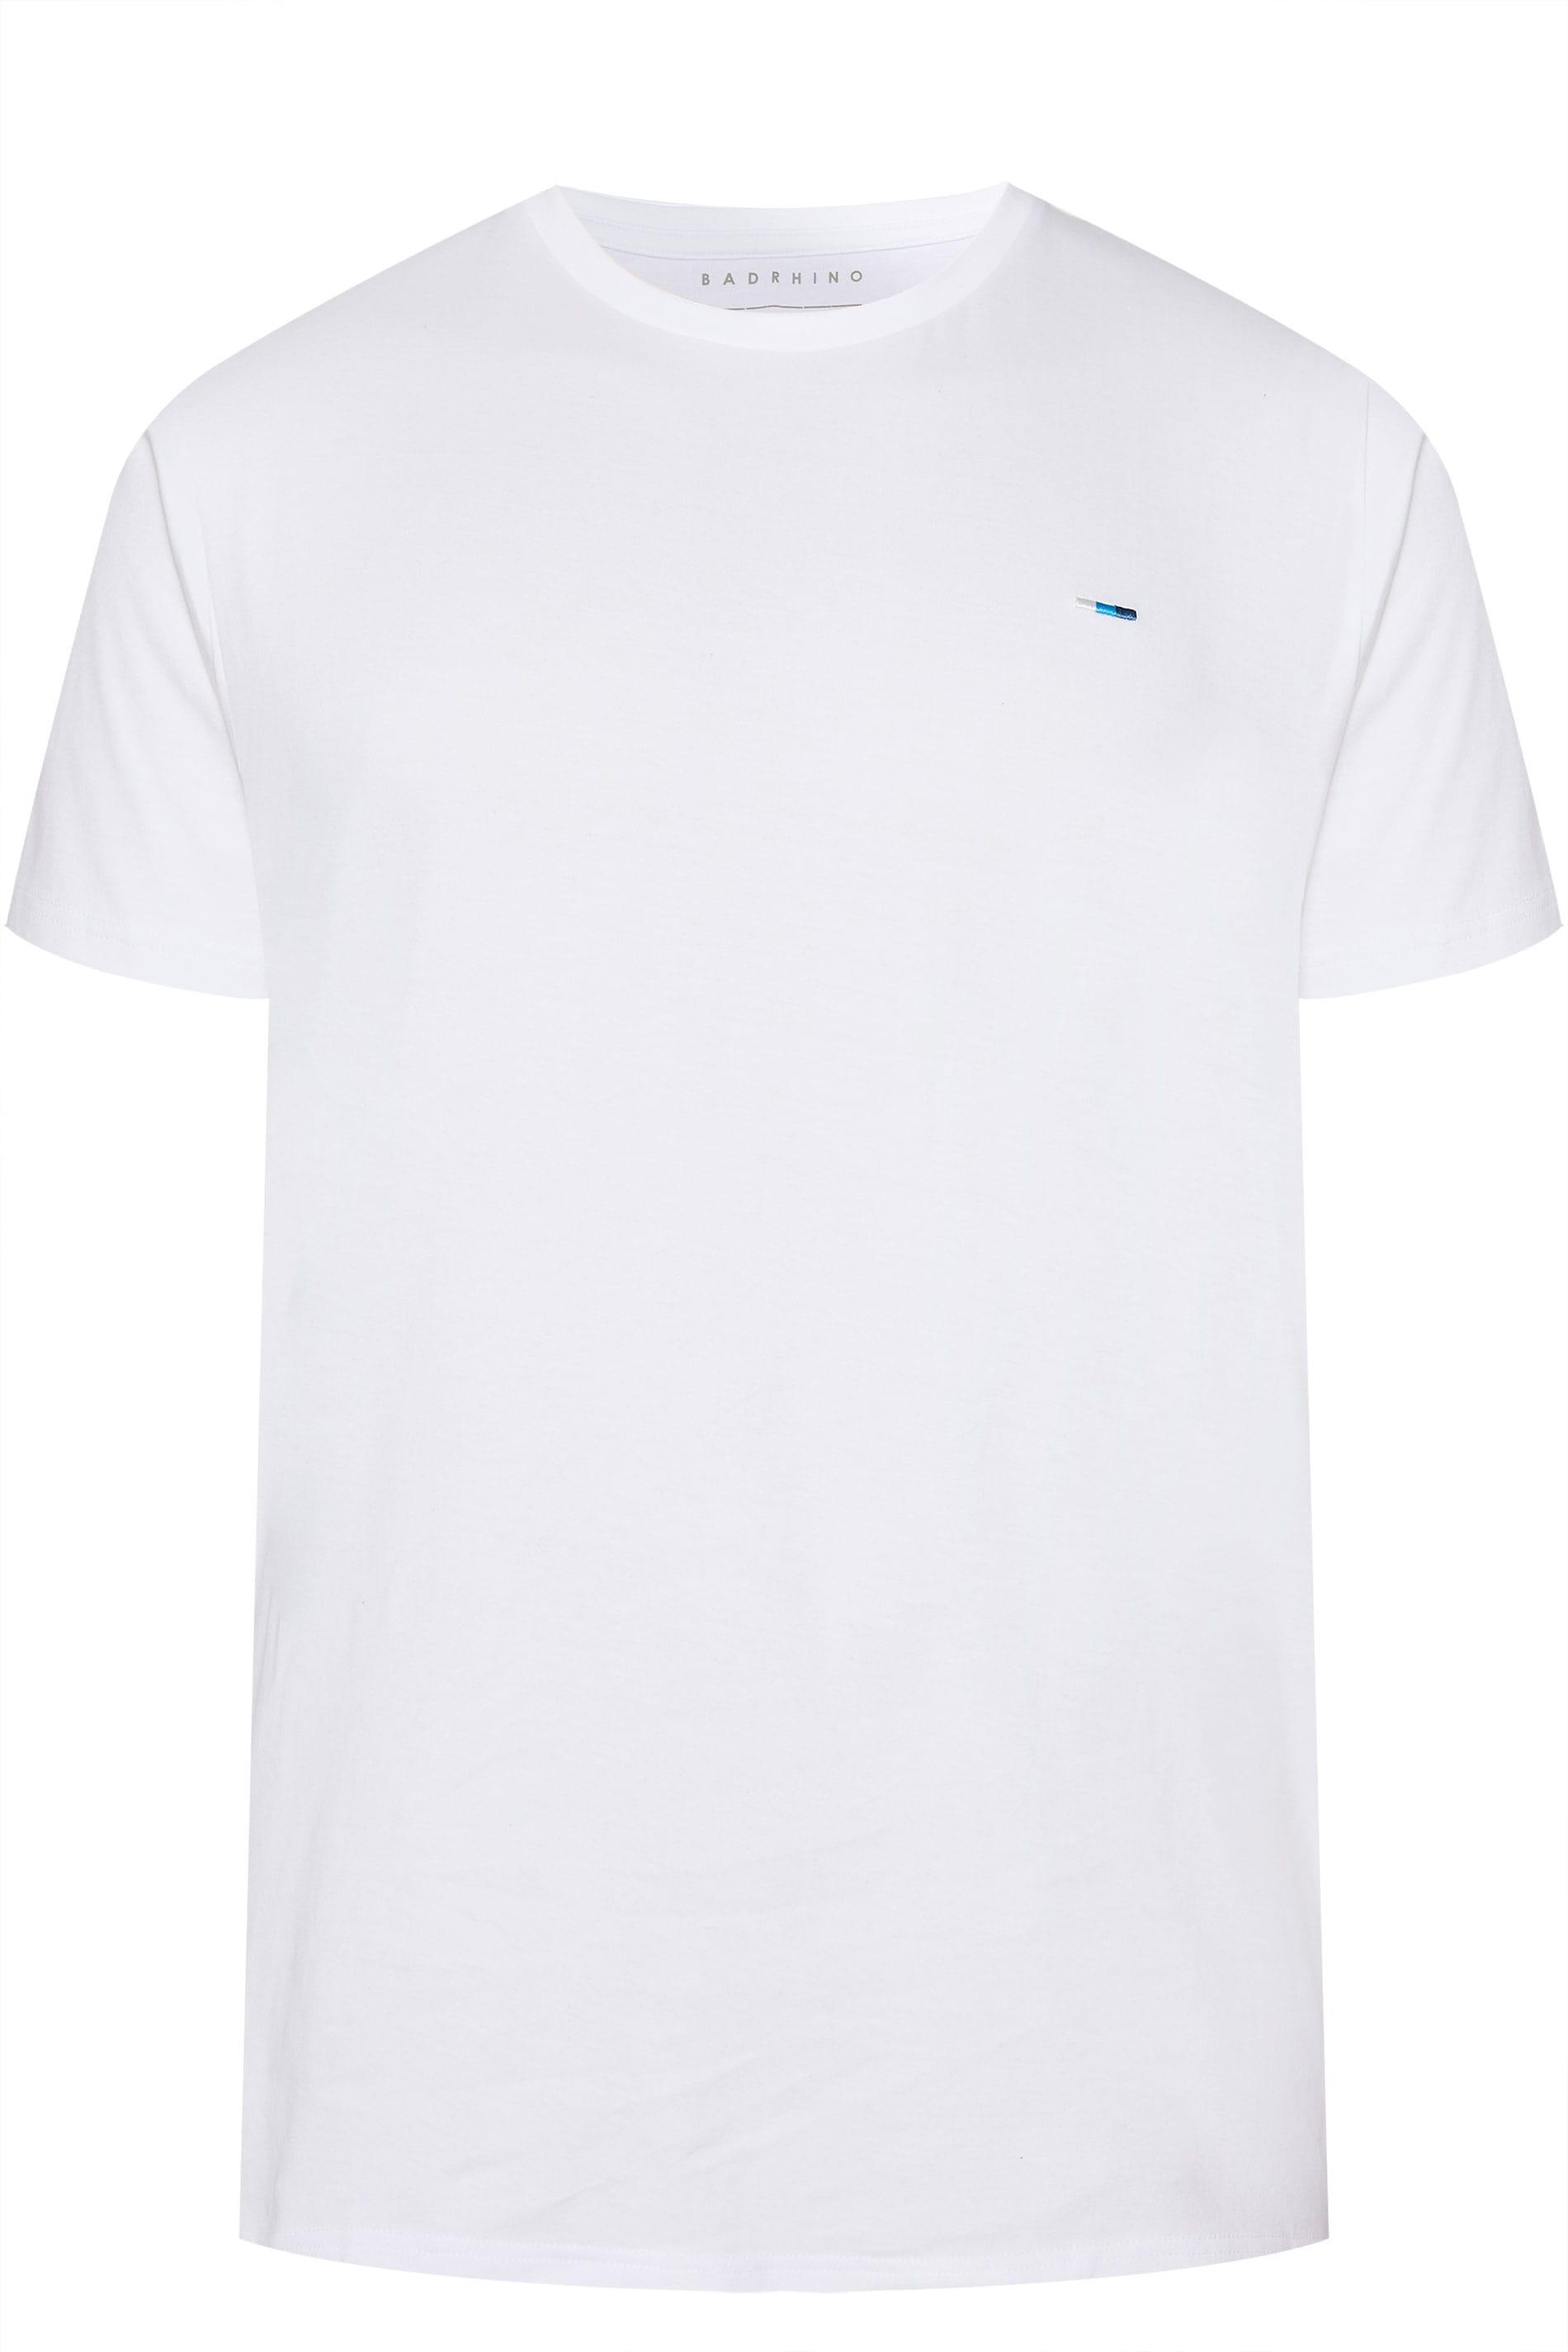 BadRhino Plain White Crew Neck T-Shirt